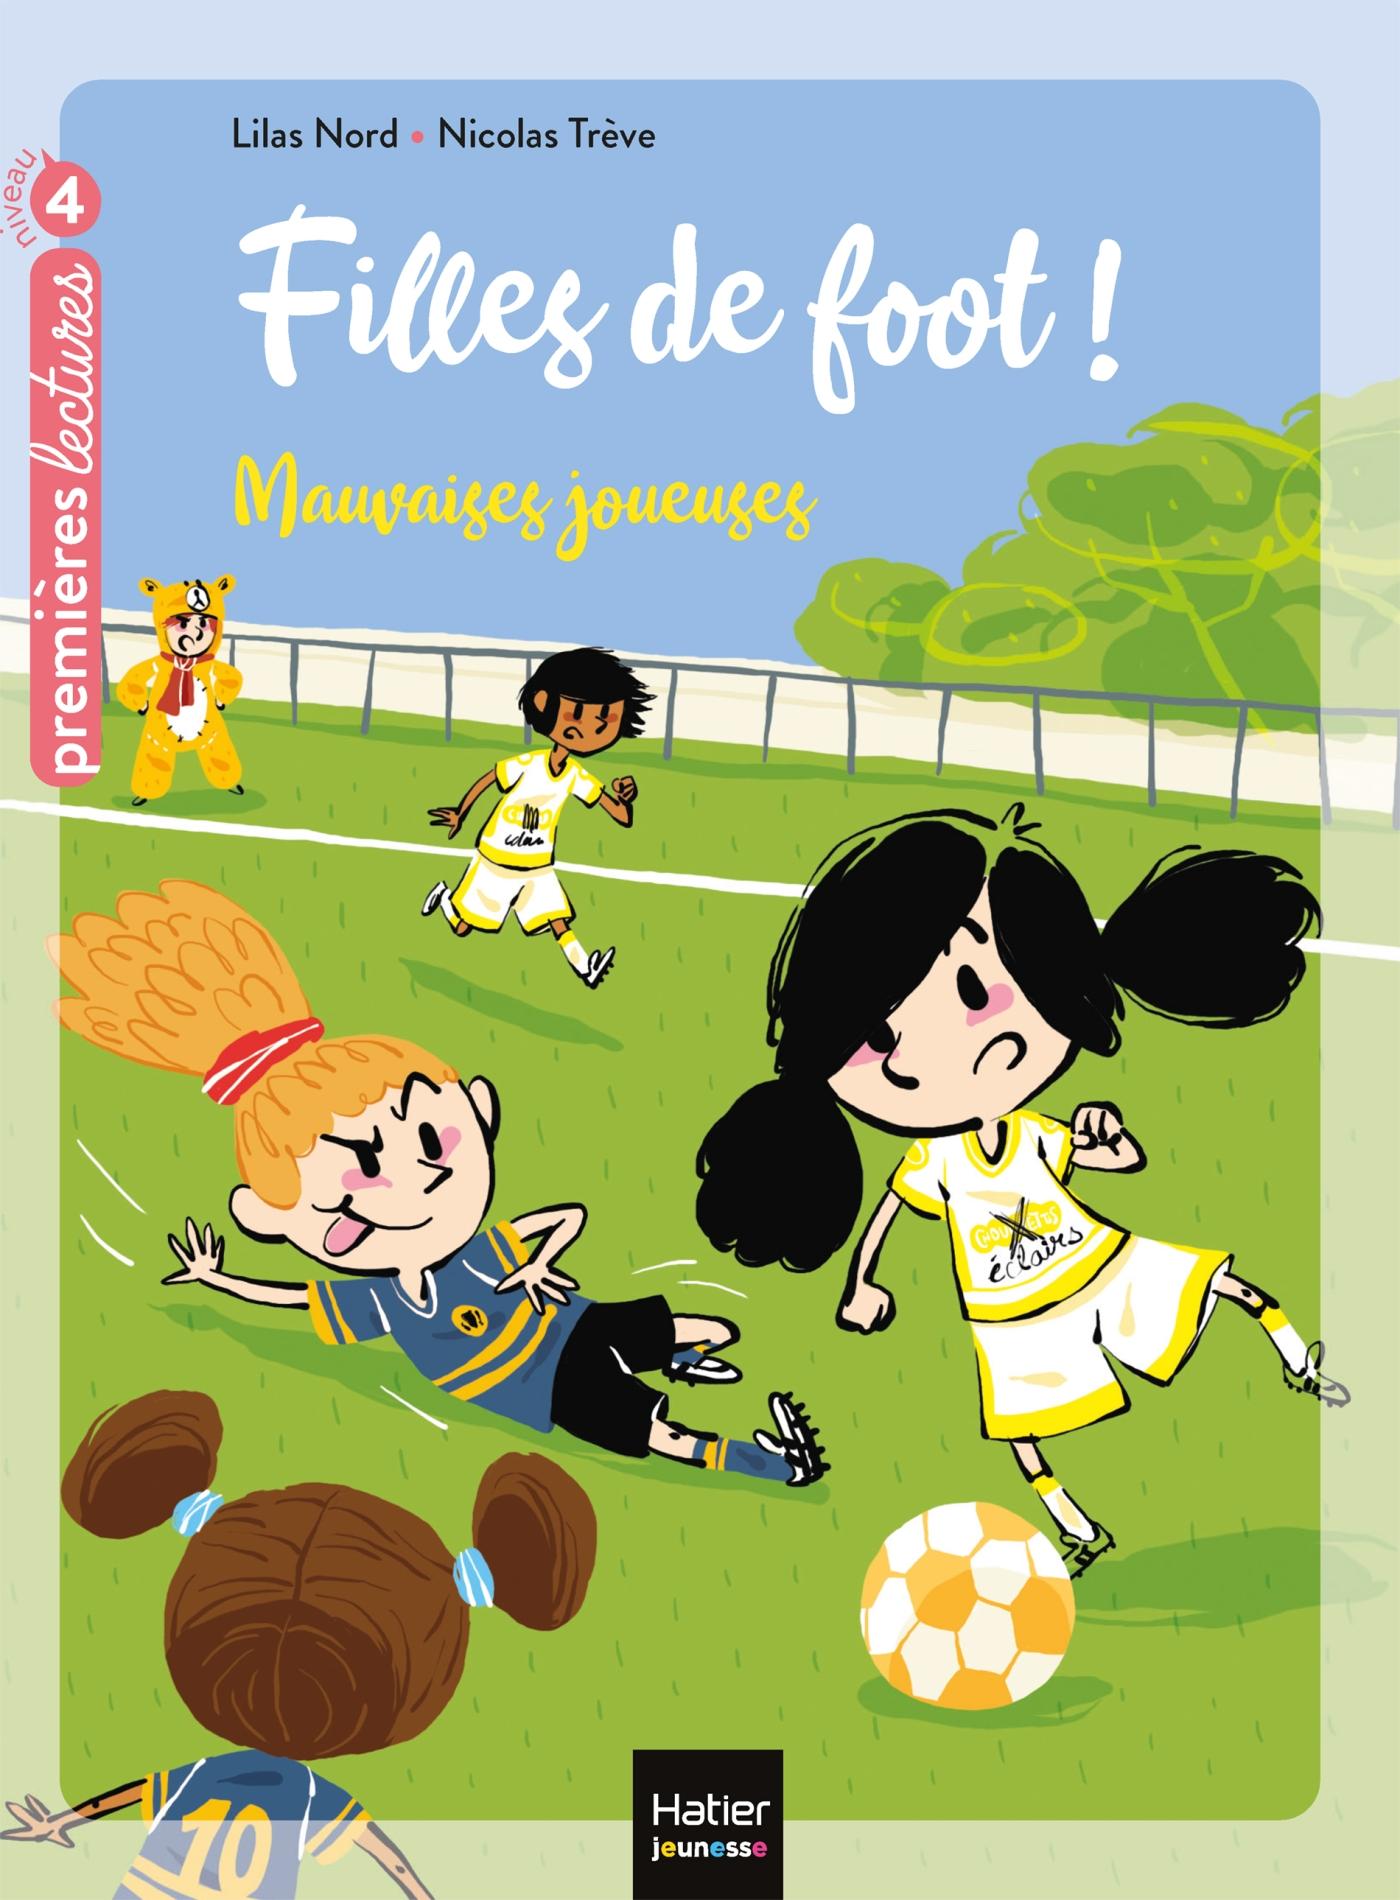 Filles de foot - Mauvaises joueuses CE1/CE2 dès 7 ans   Nord, Lilas. Auteur